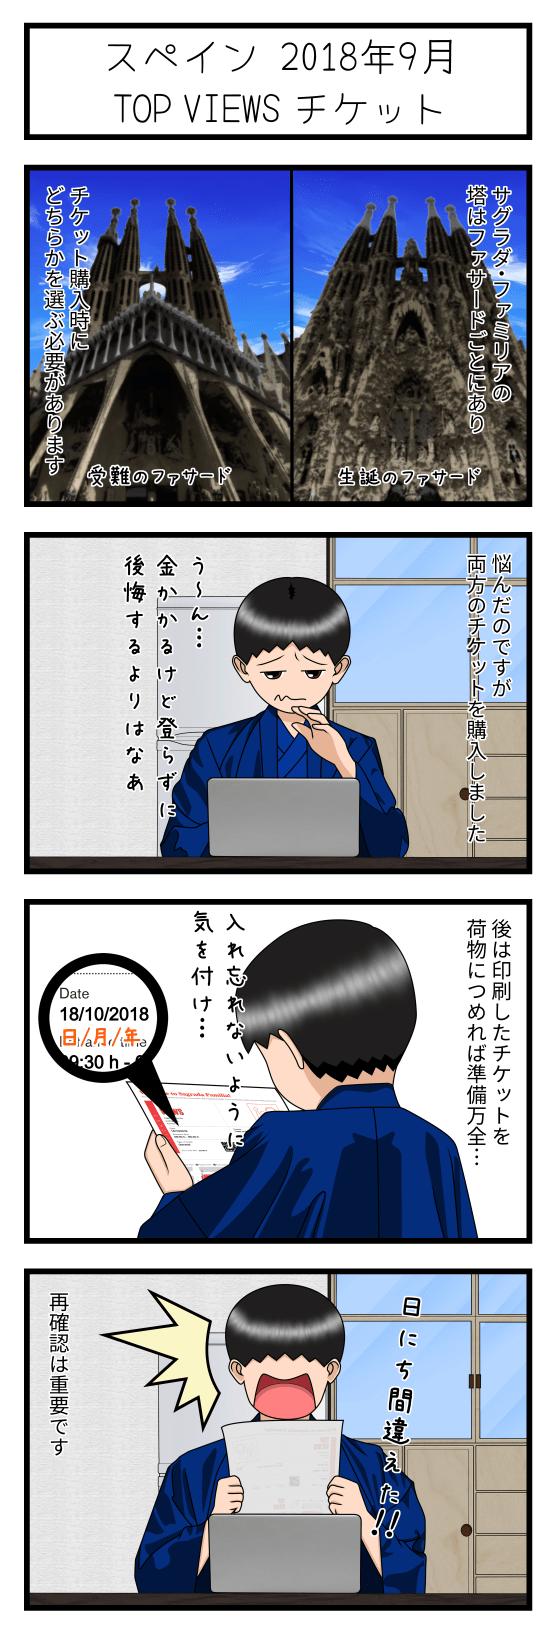 spain_201809_01_2